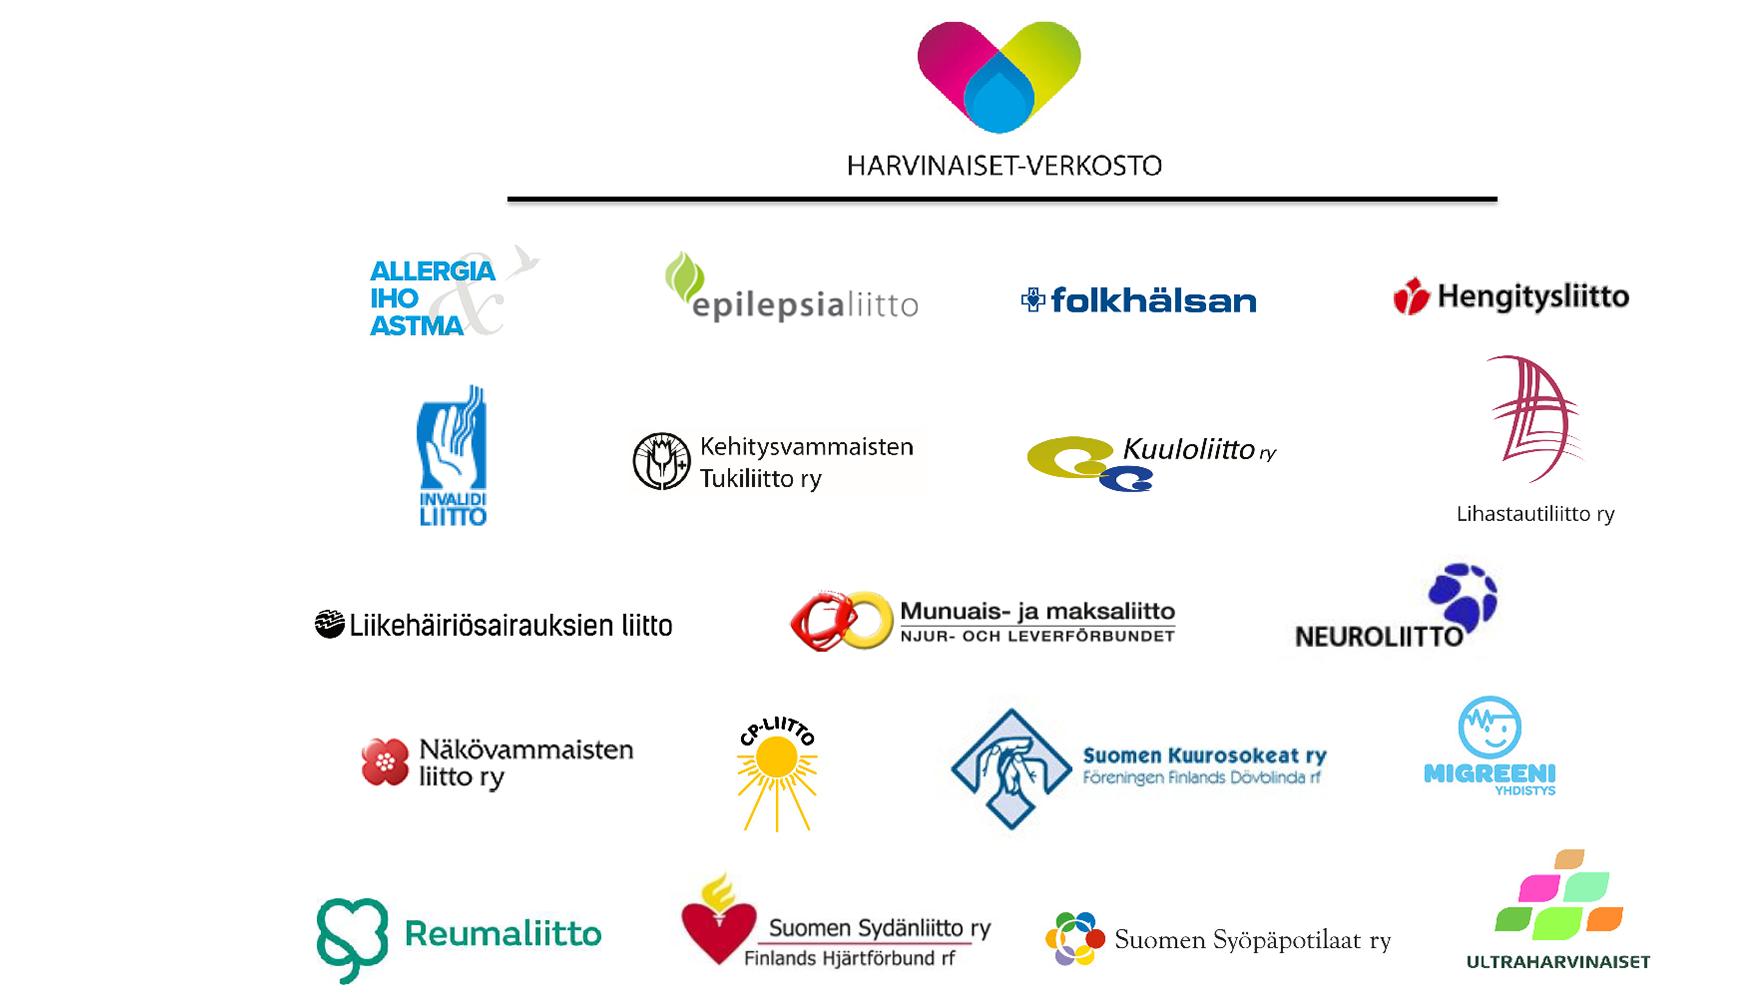 Harvinaiset-verkoston 19 jäsenjärjestön logot